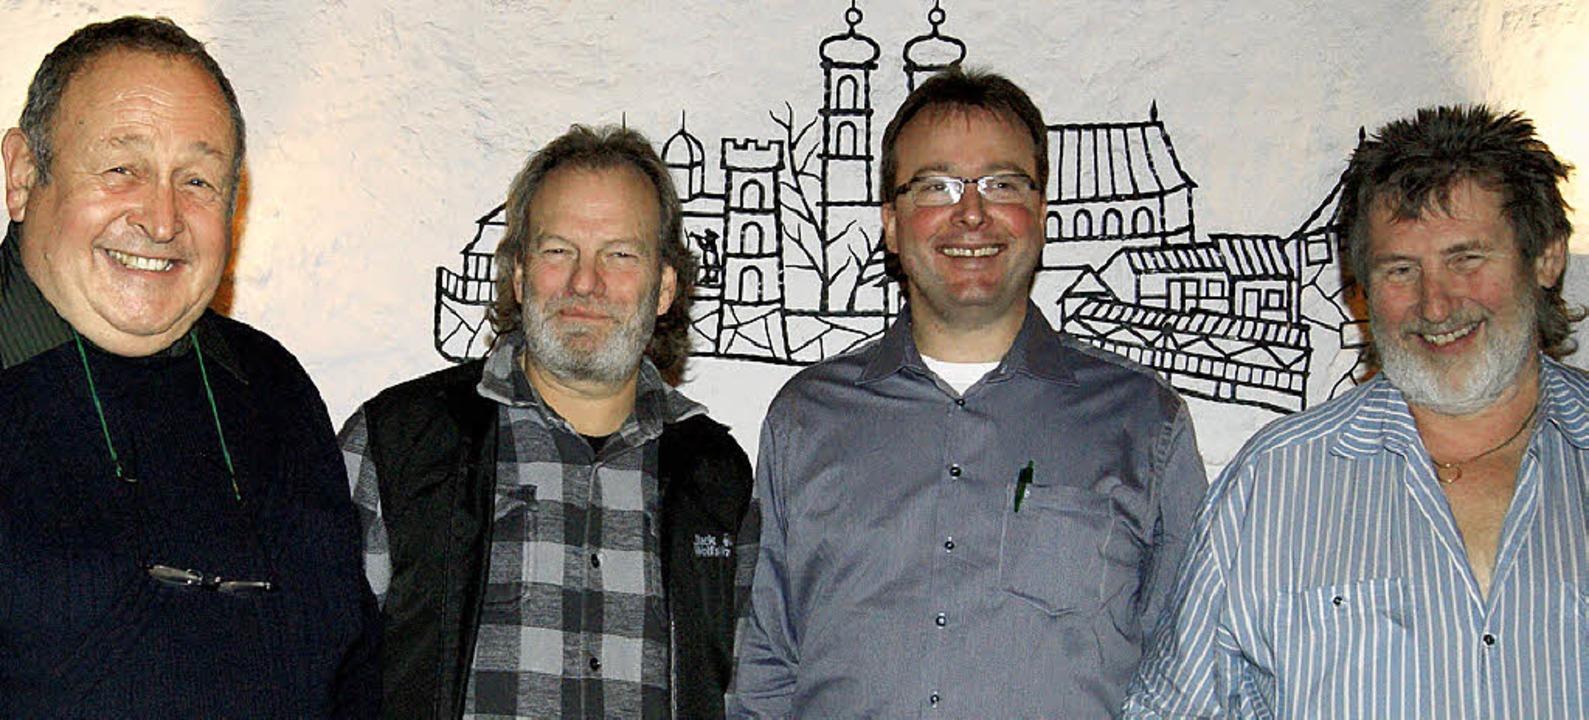 Der amtierende Landschaftsvertreter un...thy, Olaf Michel und René Leuenberger   | Foto: MARIA SCHLAGETER